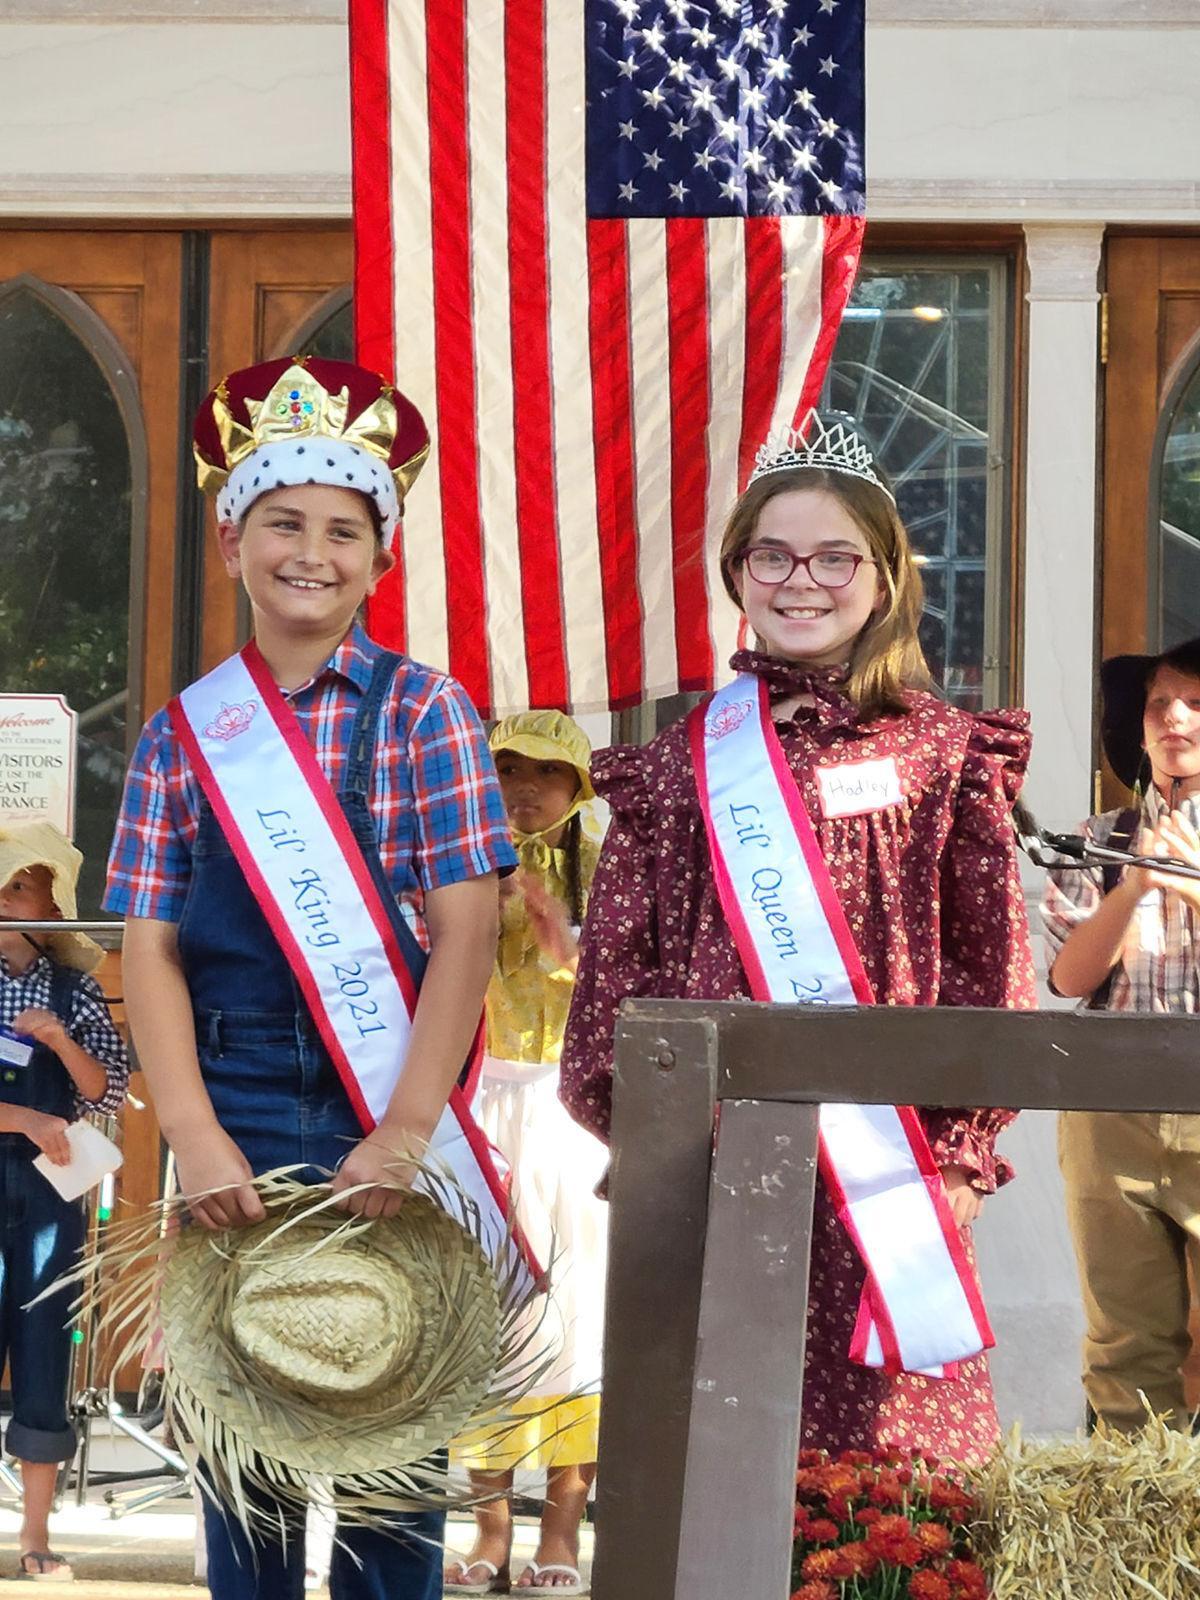 LCJ king, queen winners